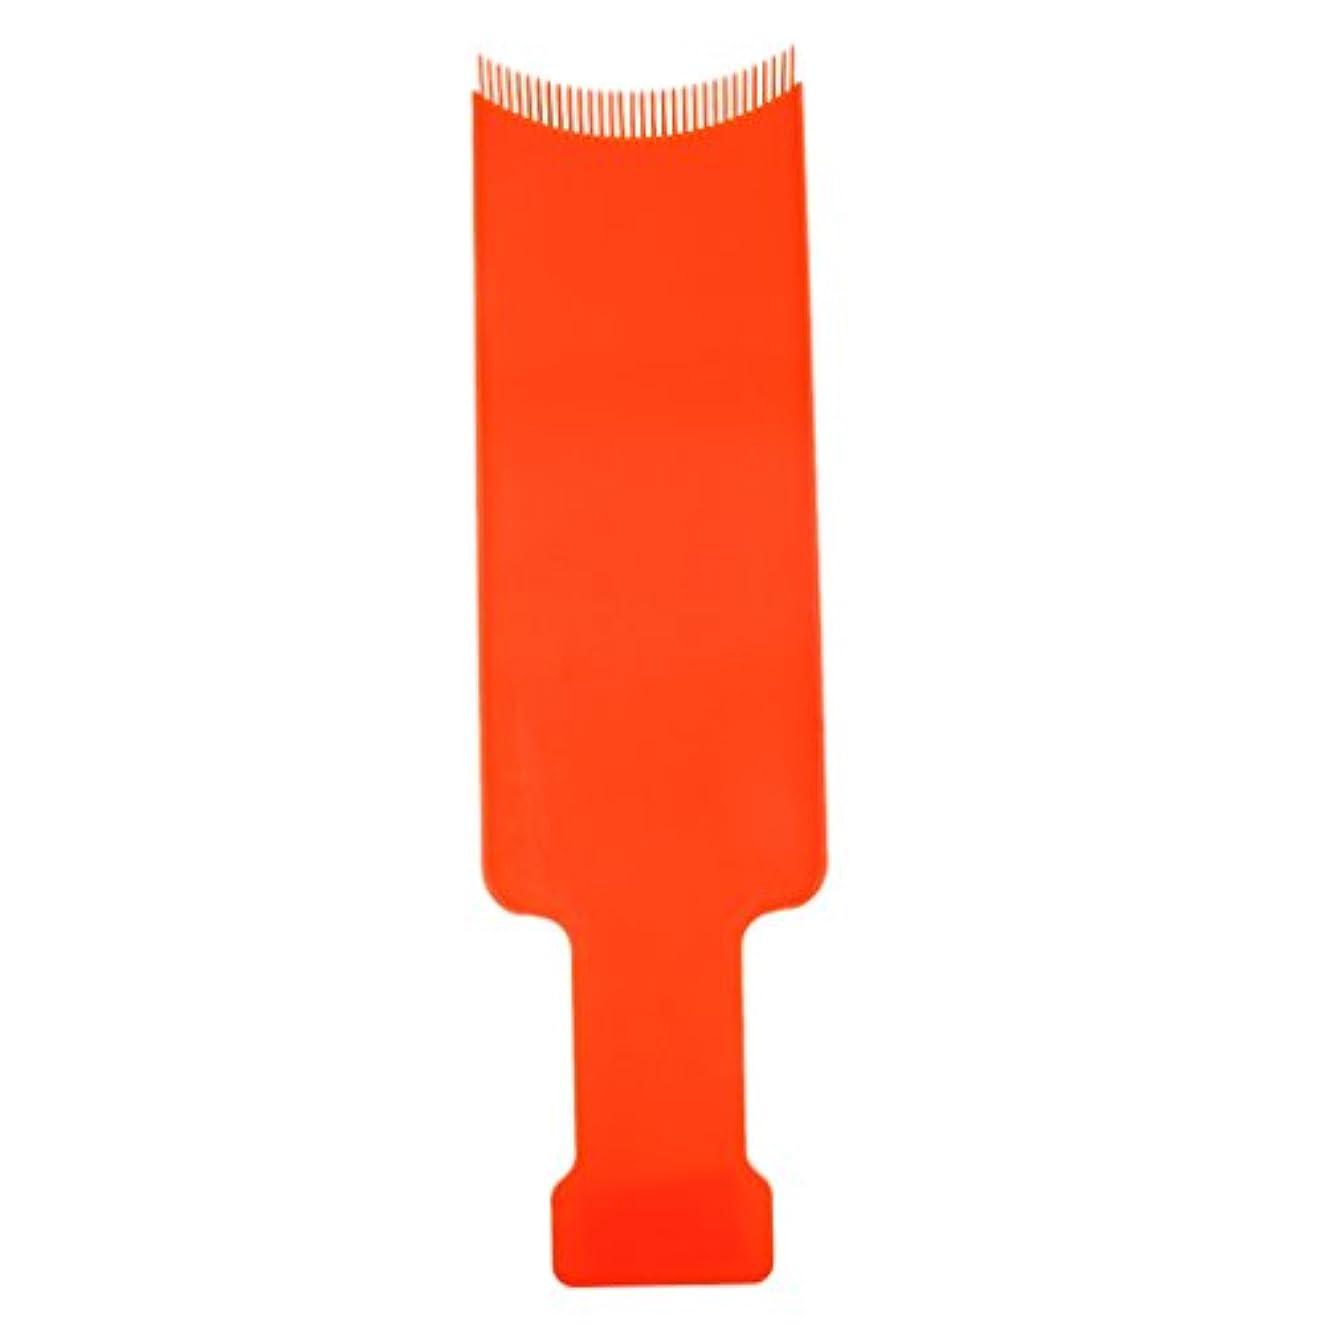 科学者バーガーパイルKesoto 染色櫛プレート 染めボード 髪を染め 頭皮保護 着色ボード ヘアブラシ ヘアコーム ヘアカラー 櫛 2サイズ2色選べる - L, オレンジ